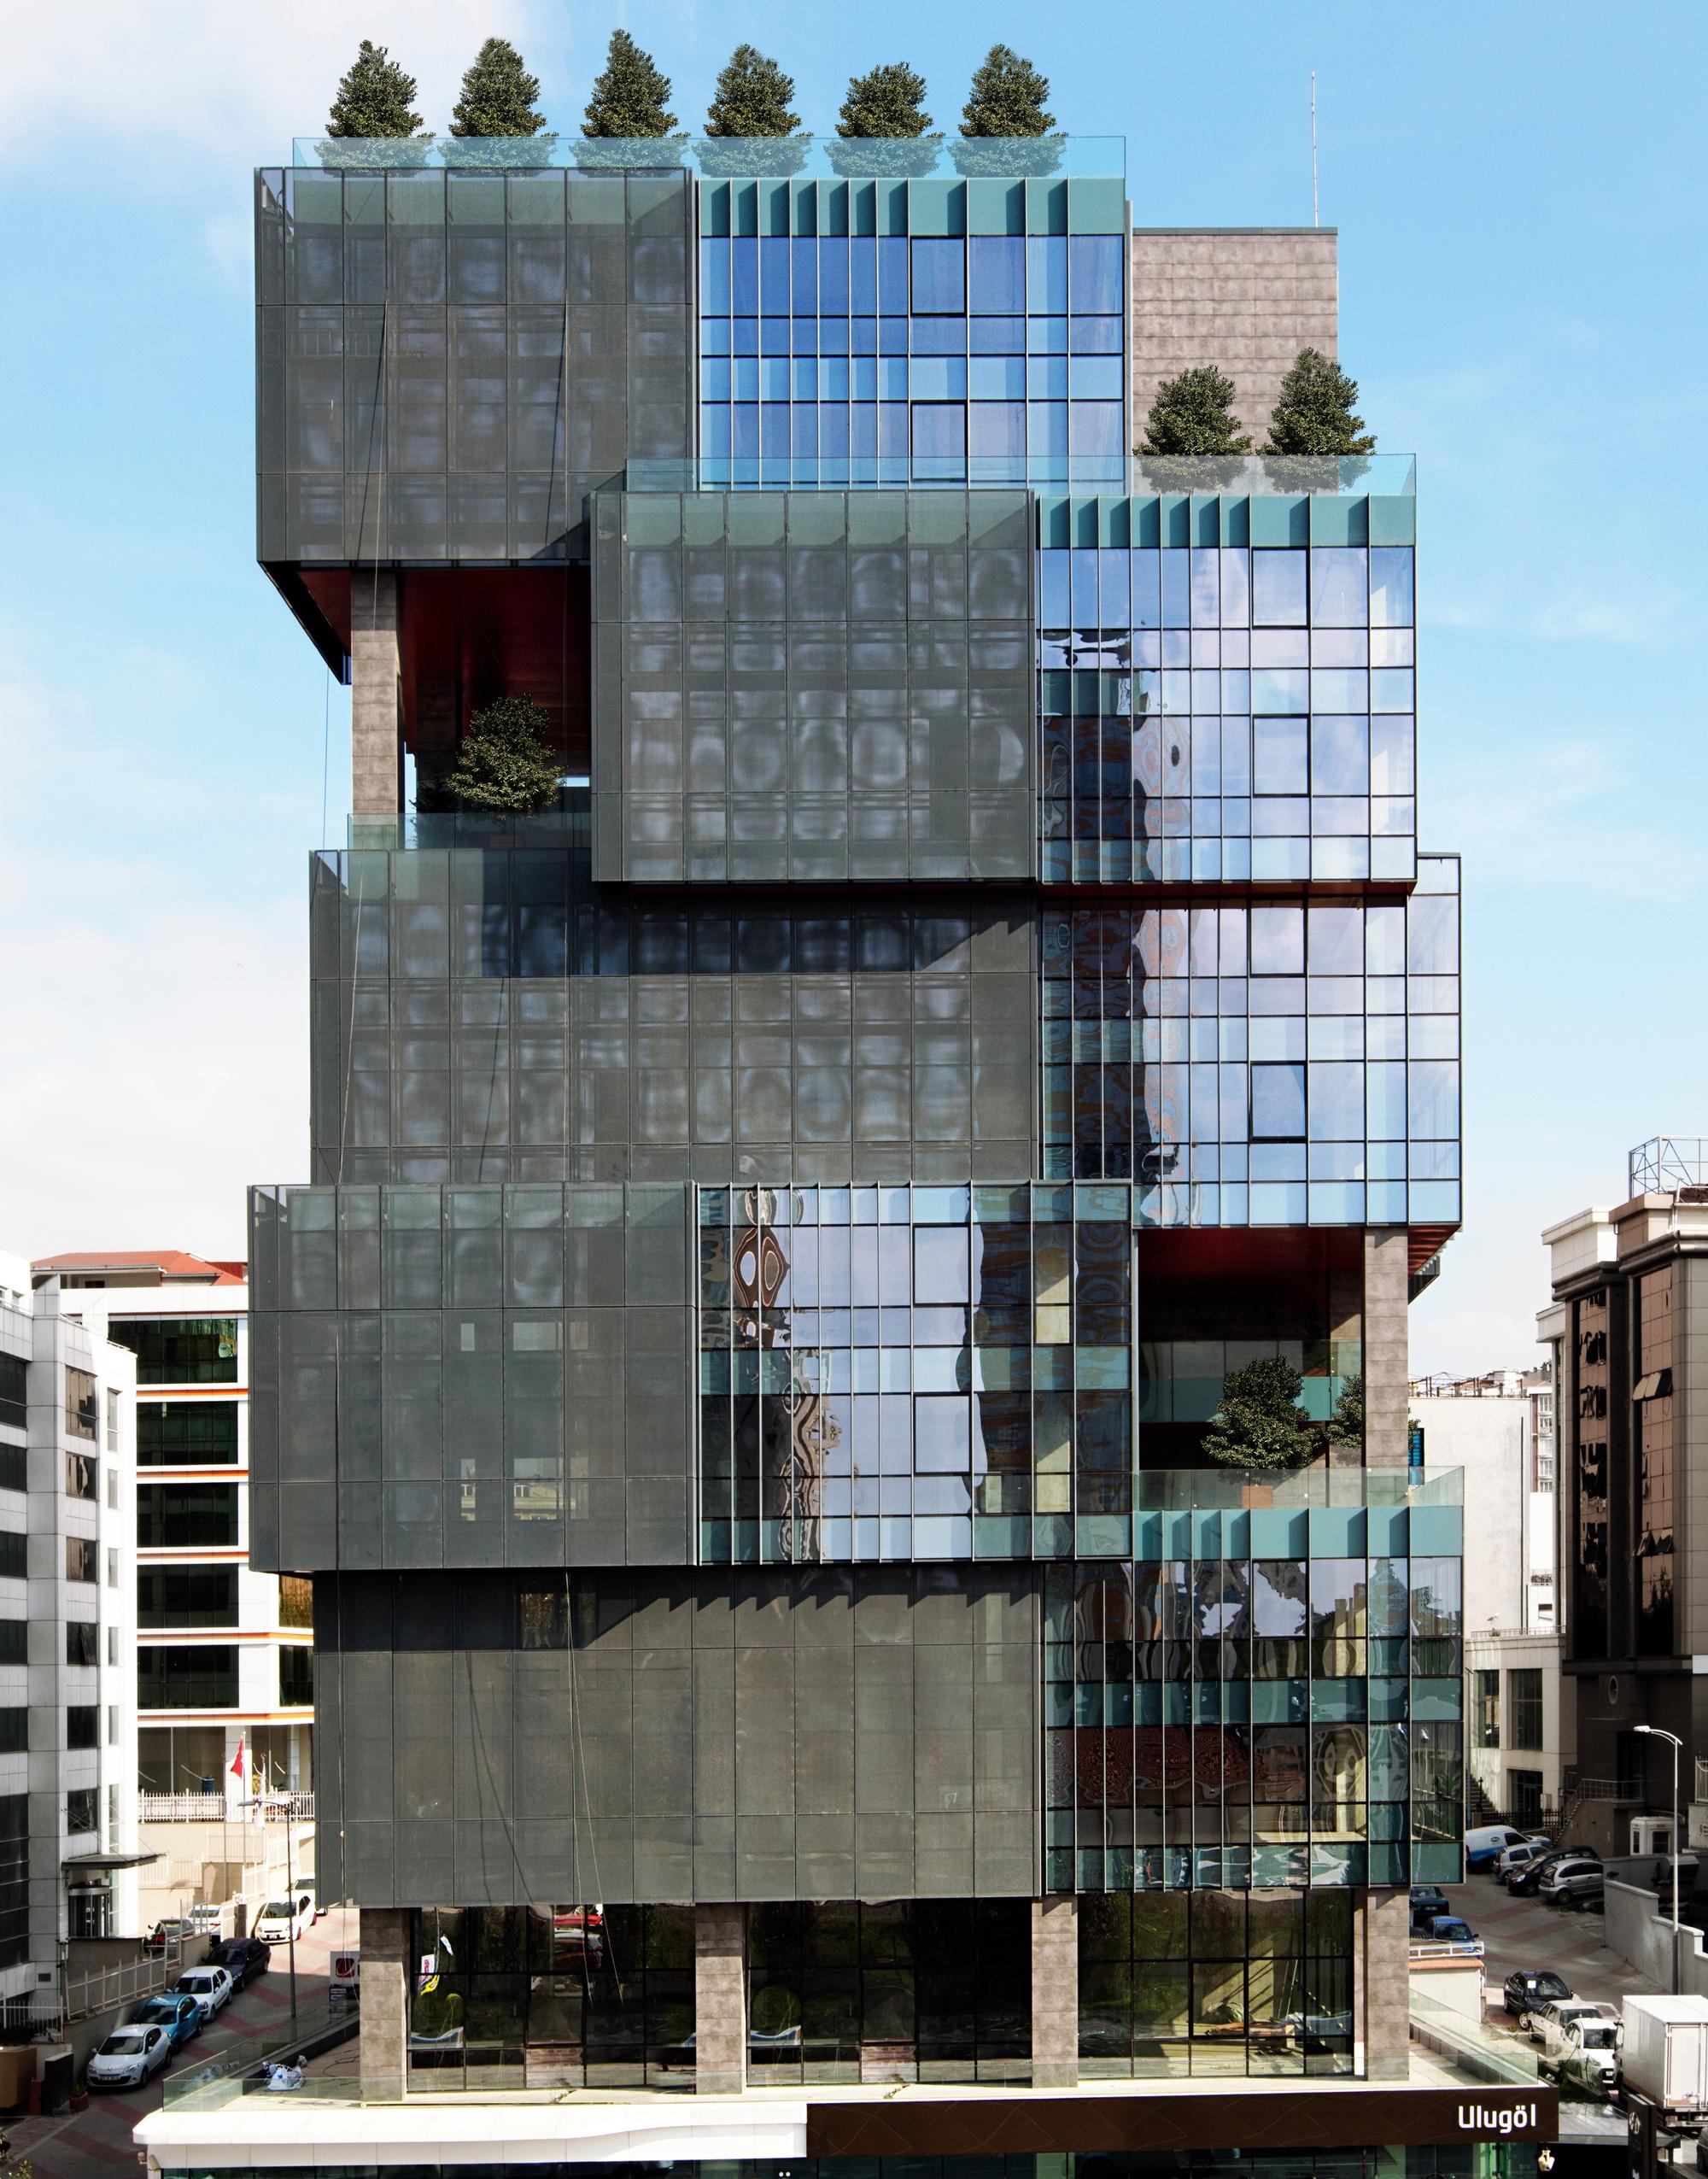 The Ulugöl Otomotiv Office Building / Tago Architects